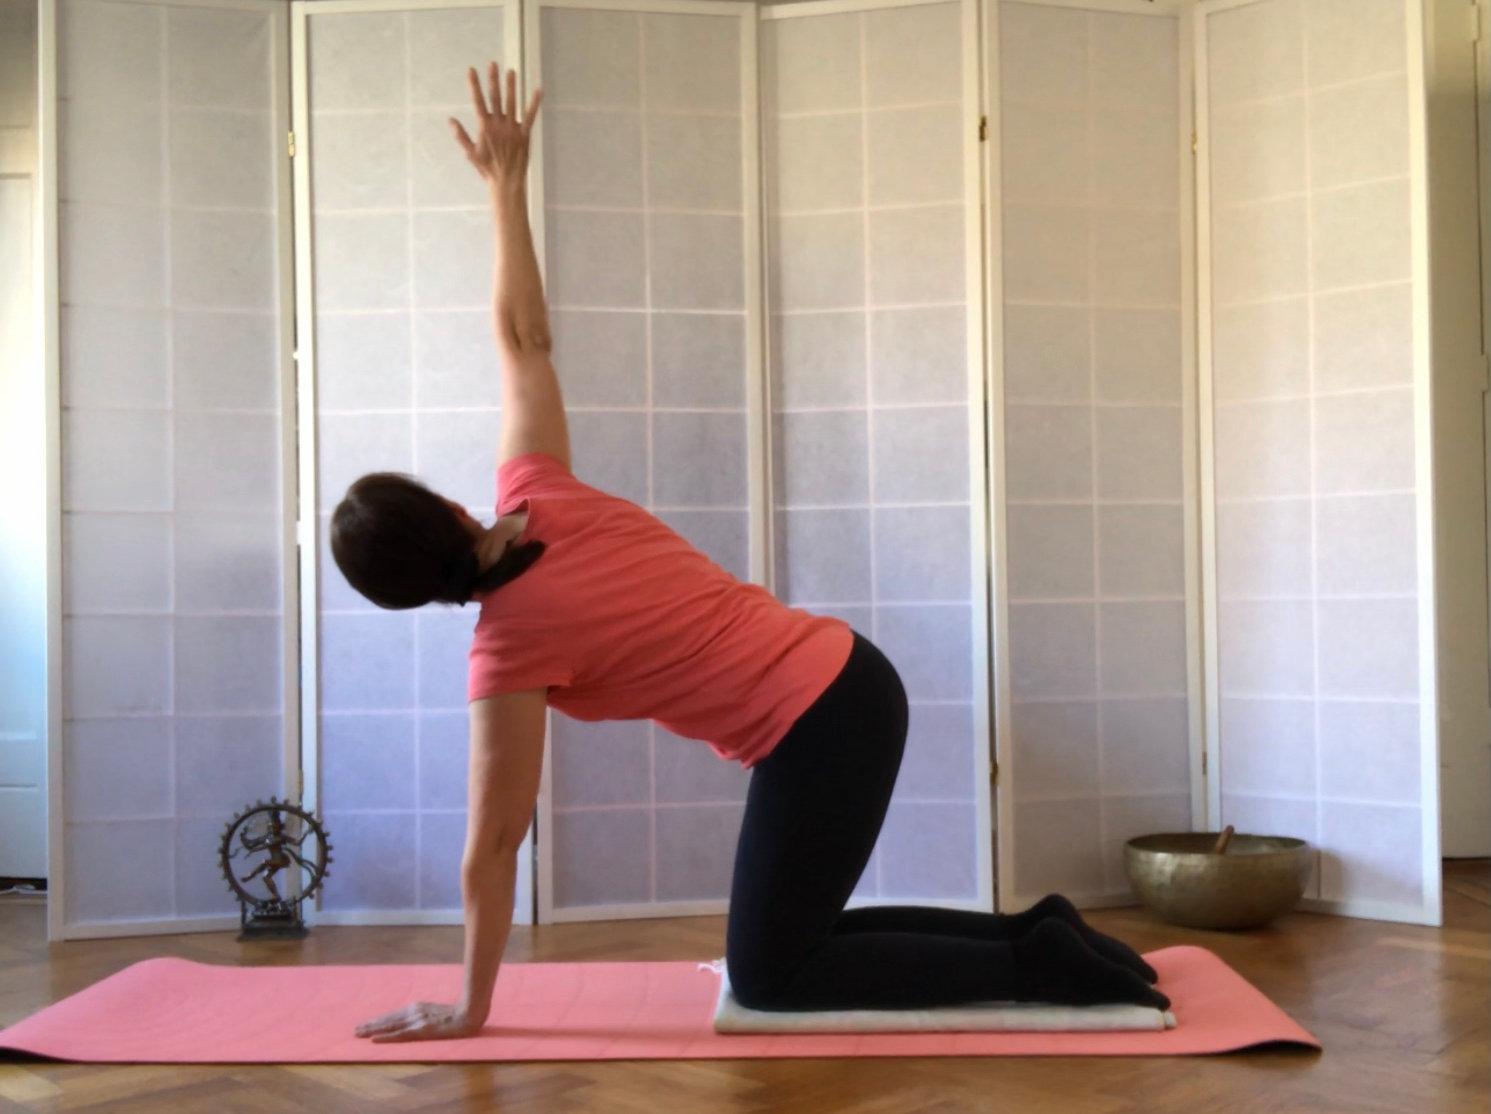 Duminica 18:00CET Yoga pentru toti